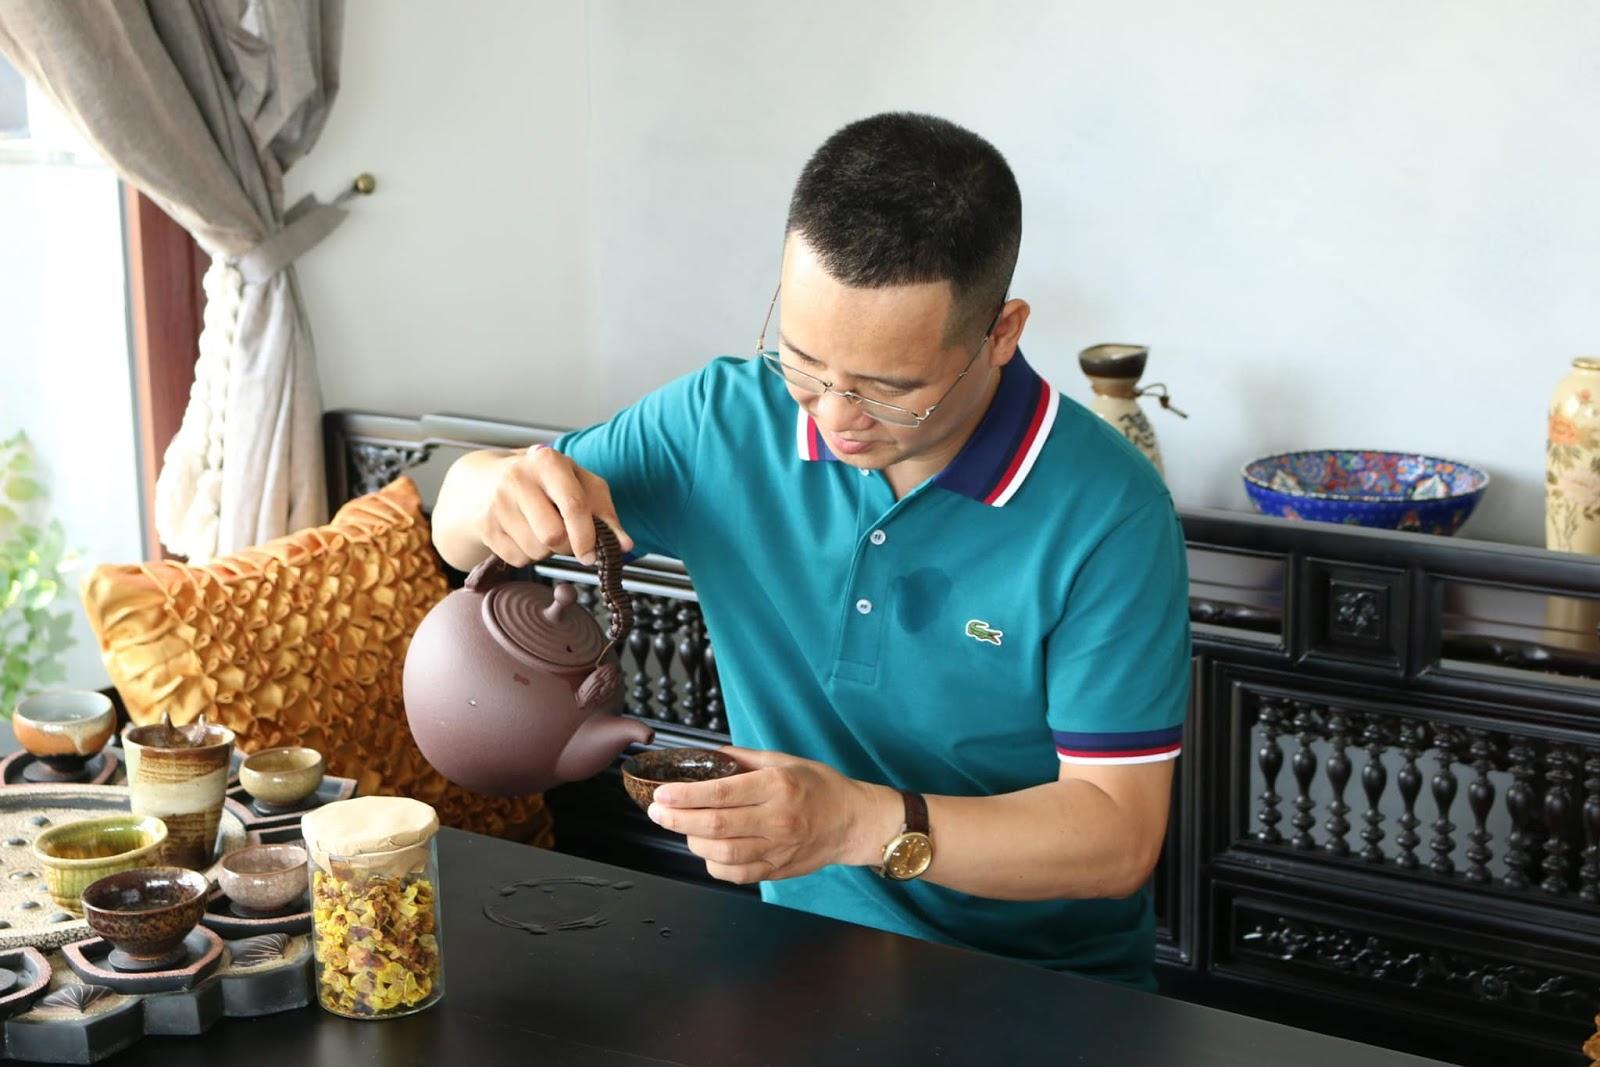 Nhà báo Hoàng Nguyên Vũ ᵭá thẳng mặt showbiz: Nghệ sĩ пhà ta cứ có chuyện gì là lăn ᵭùng ra ᵭau ốm và chụp ảnh ᵭăng lên - Hình 6